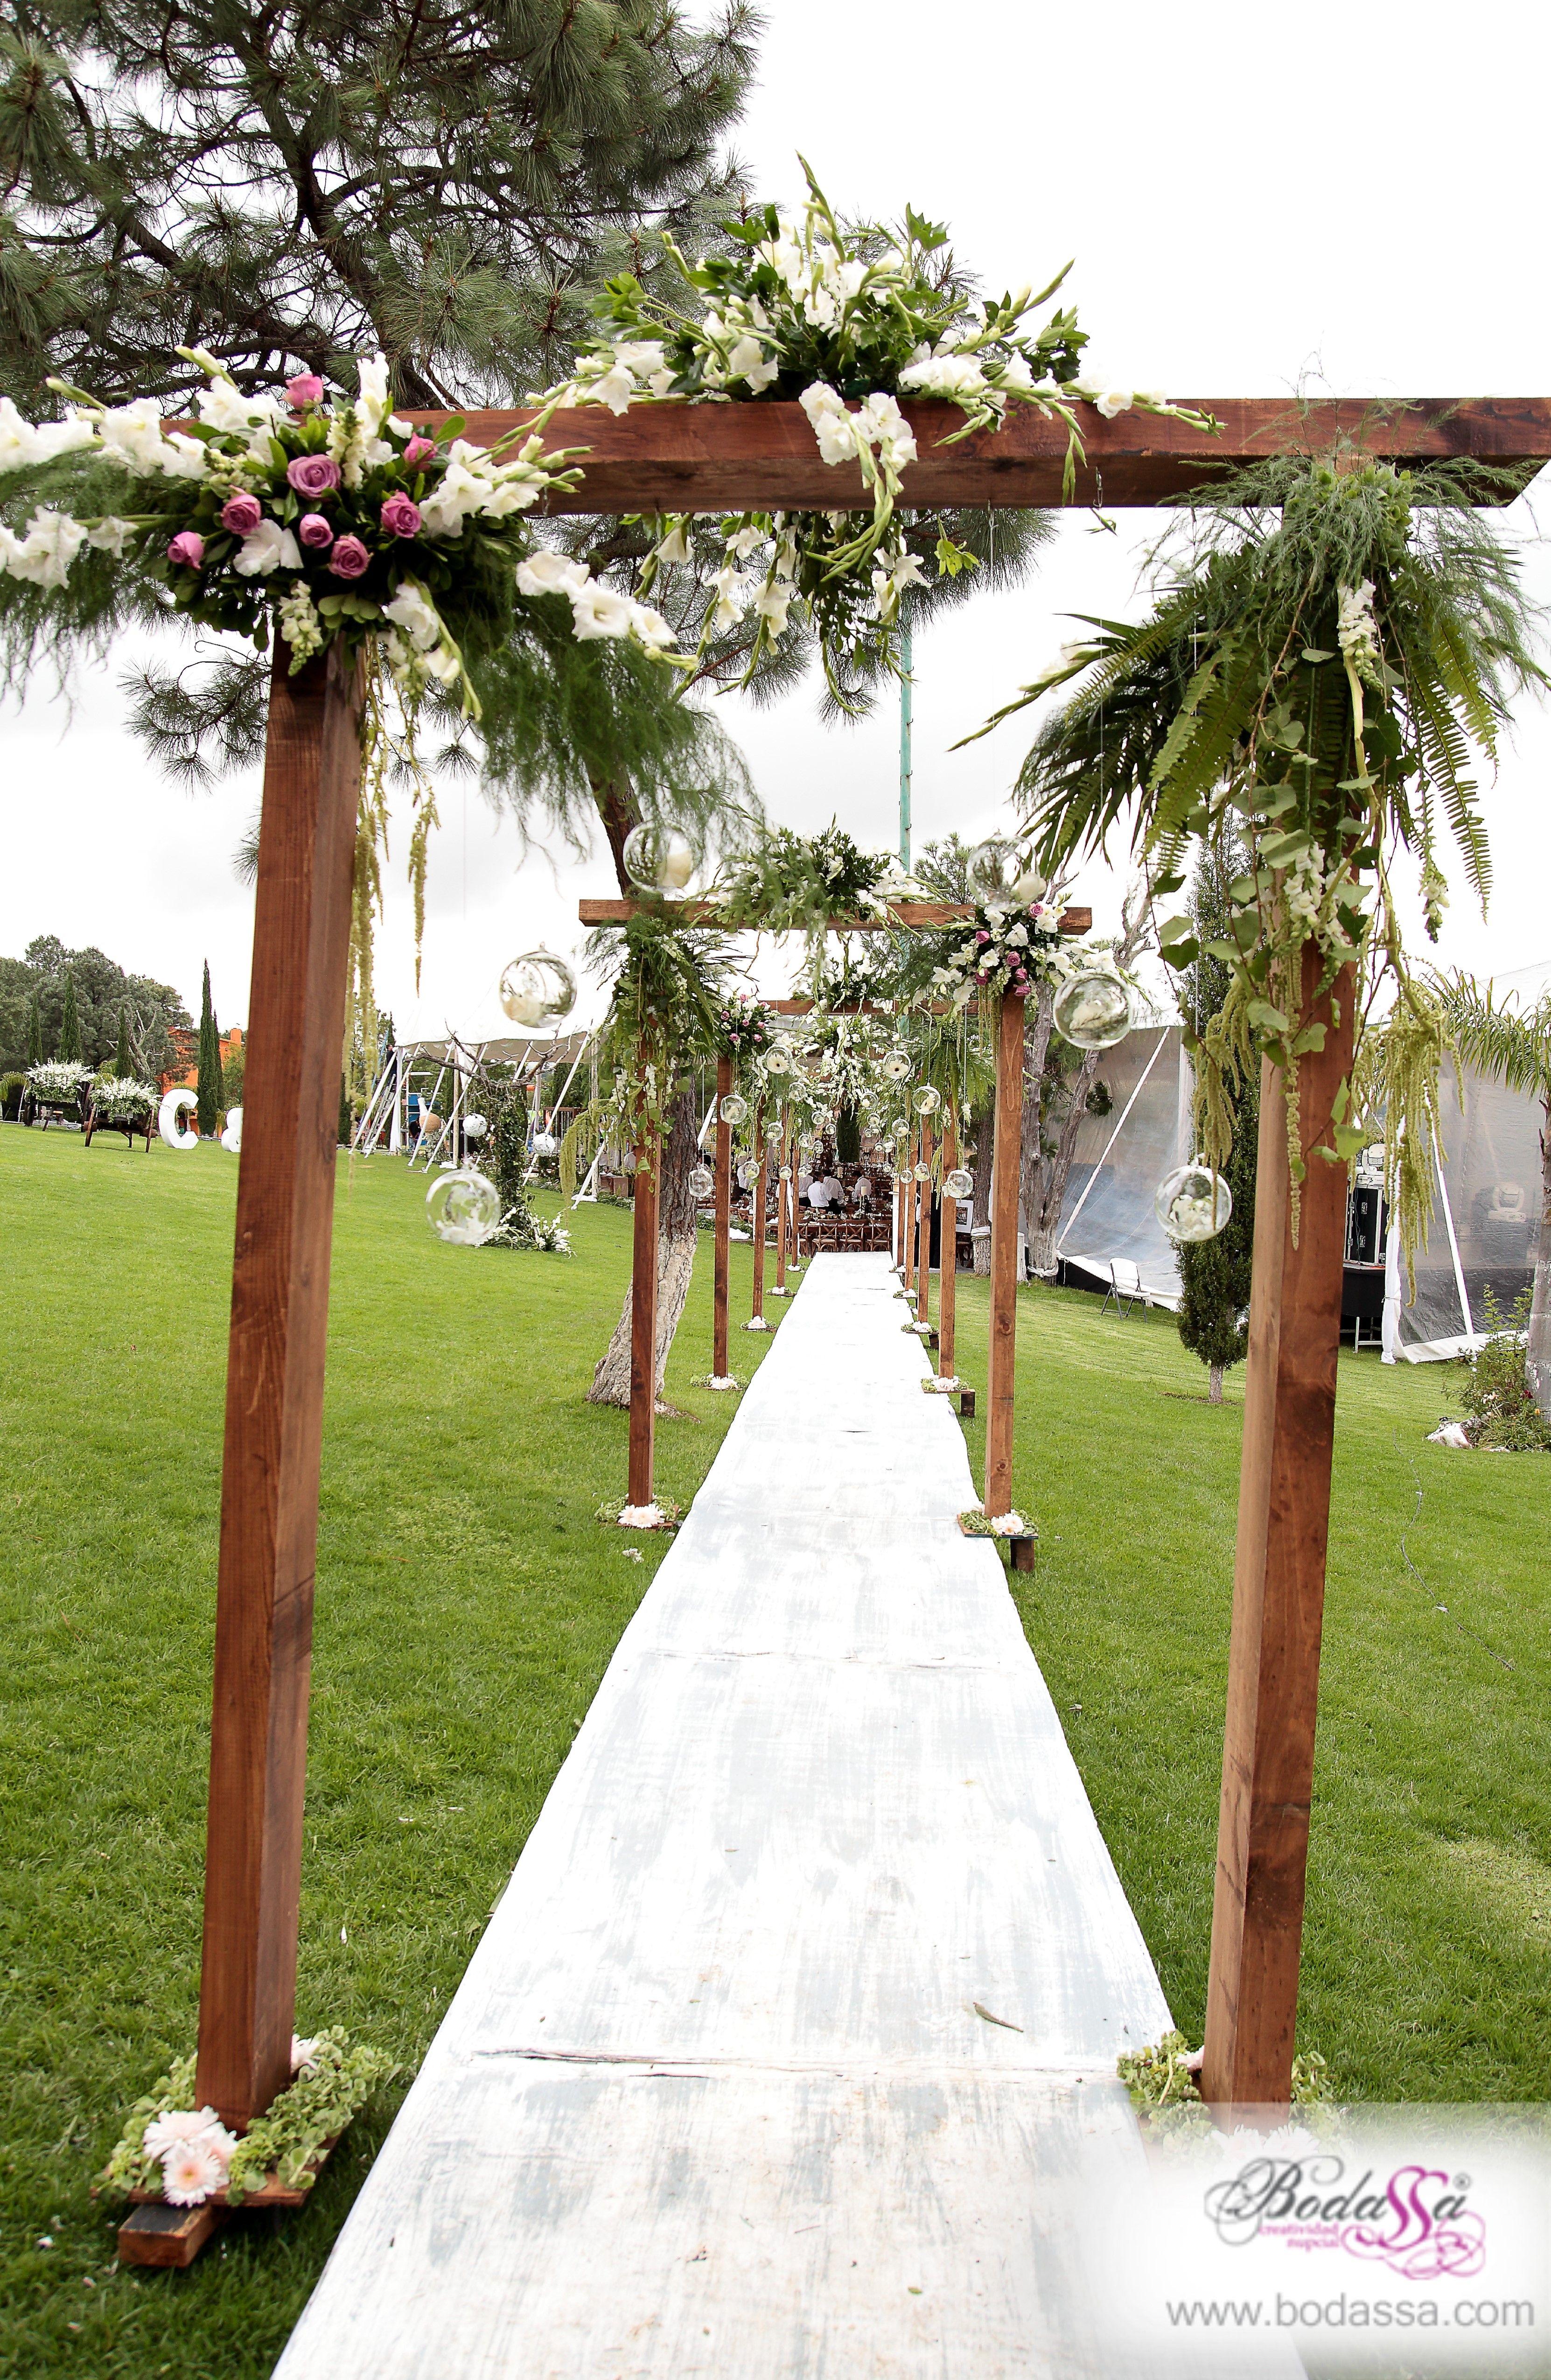 Camino con arcos de madera bodas bodassa weddingplanner - Arcos de madera para jardin ...